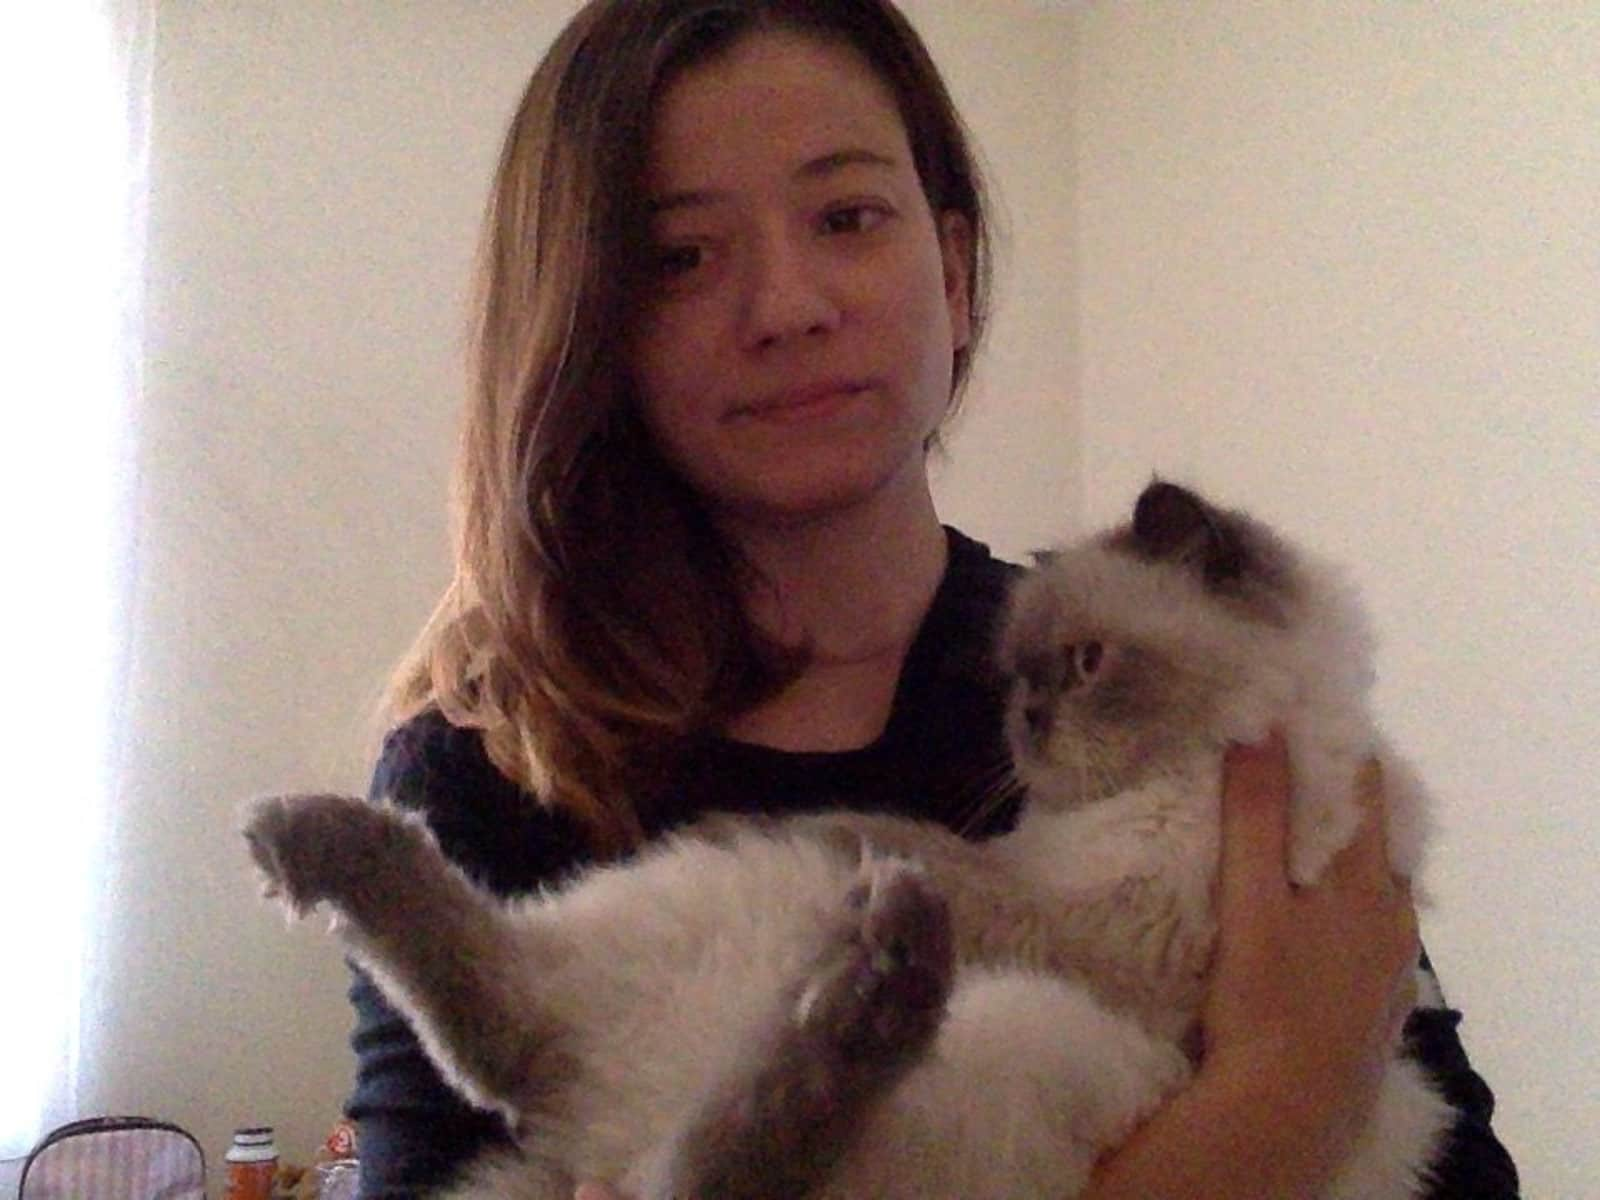 Ilaria from Treviso, Italy